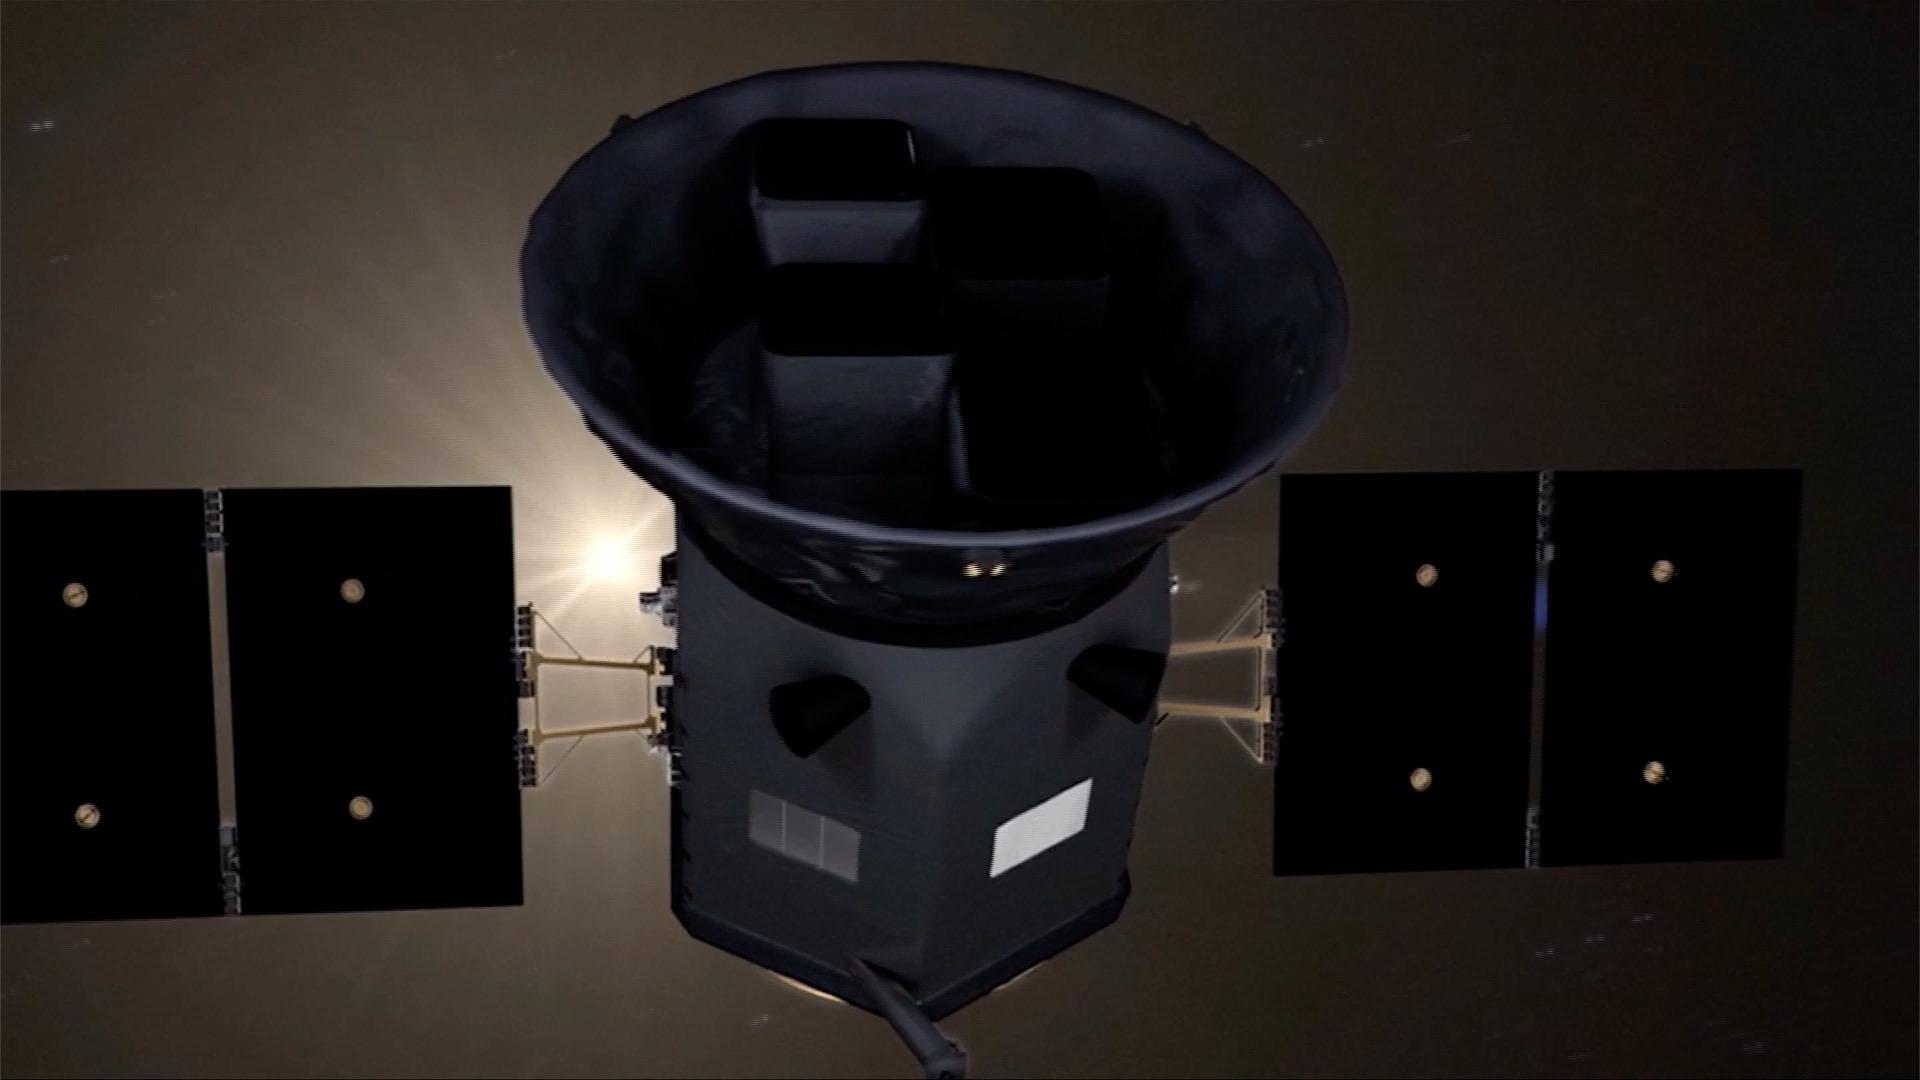 Raketa Falcon 9 vynesla na oběžnou dráhu vesmírný teleskop TESS. Má objevovat planety mimo naši sluneční soustavu